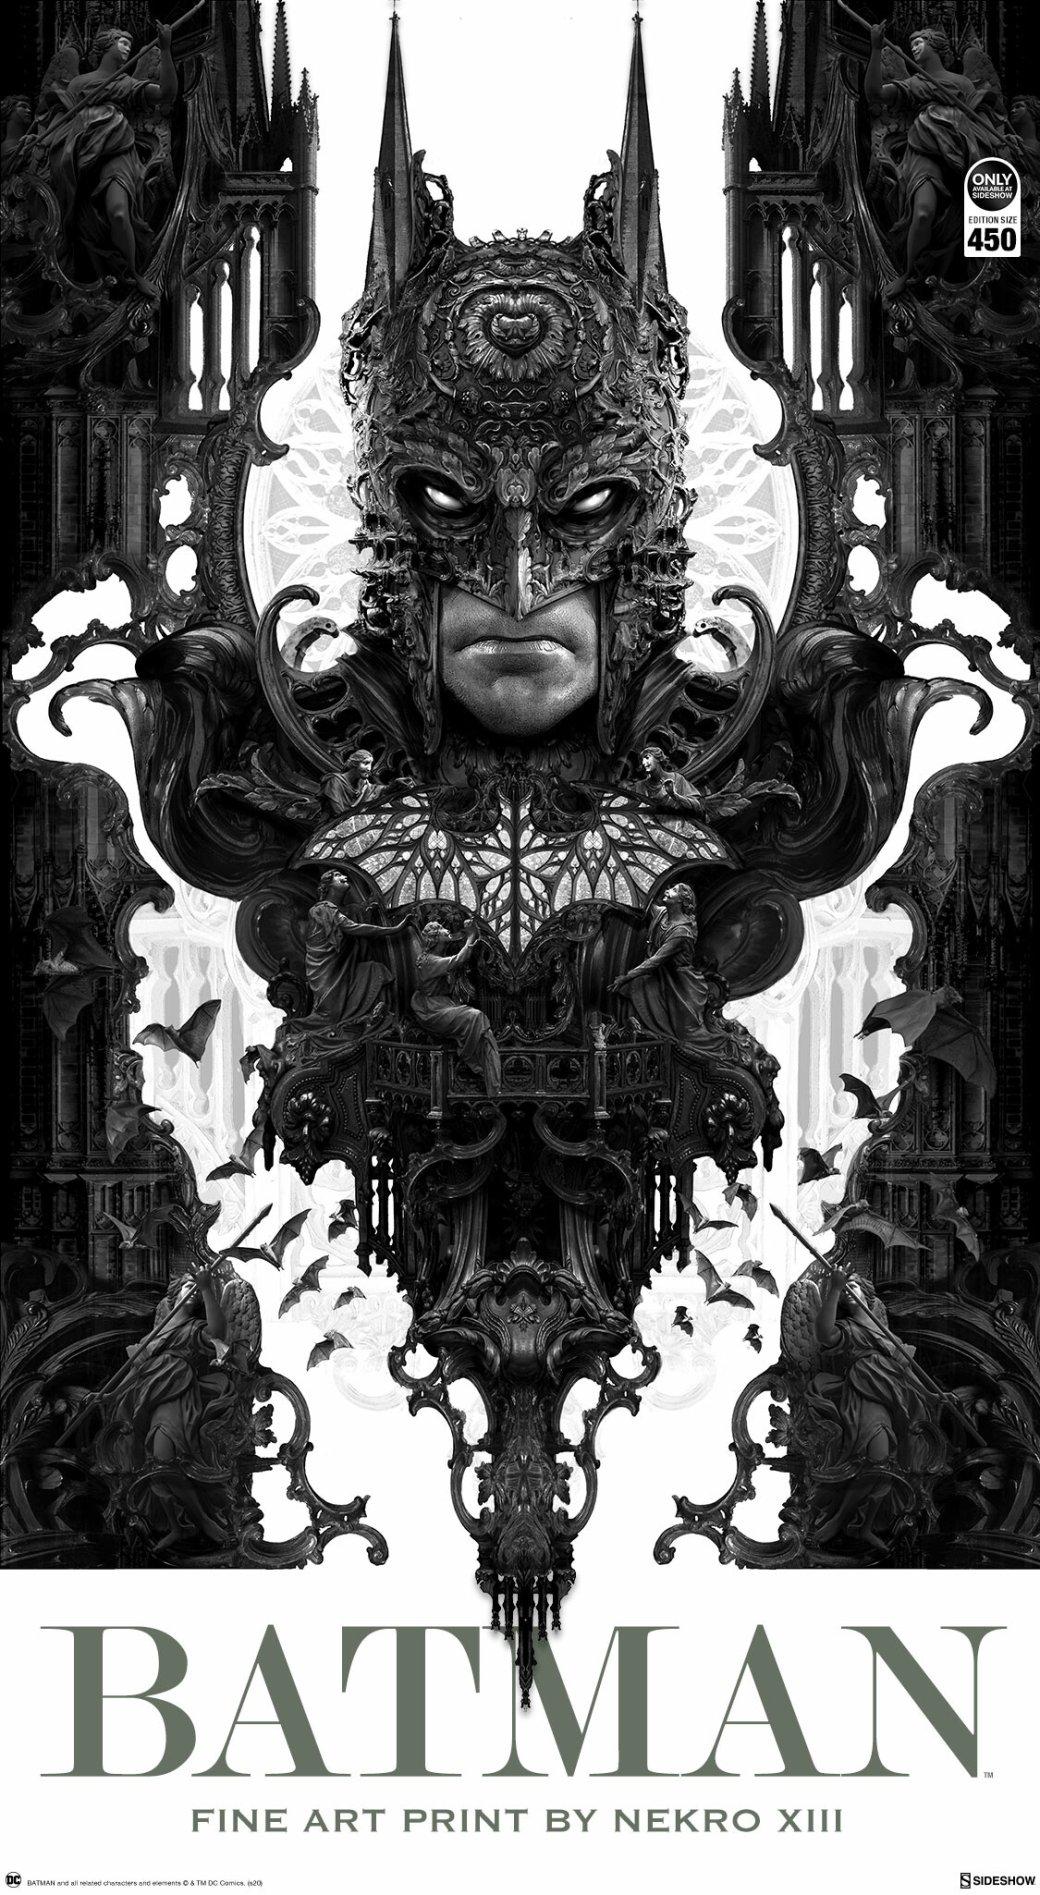 Художник рисует мрачные арты по«Ведьмаку», «Бэтмену» инетолько. Показываем его работы | Канобу - Изображение 6460